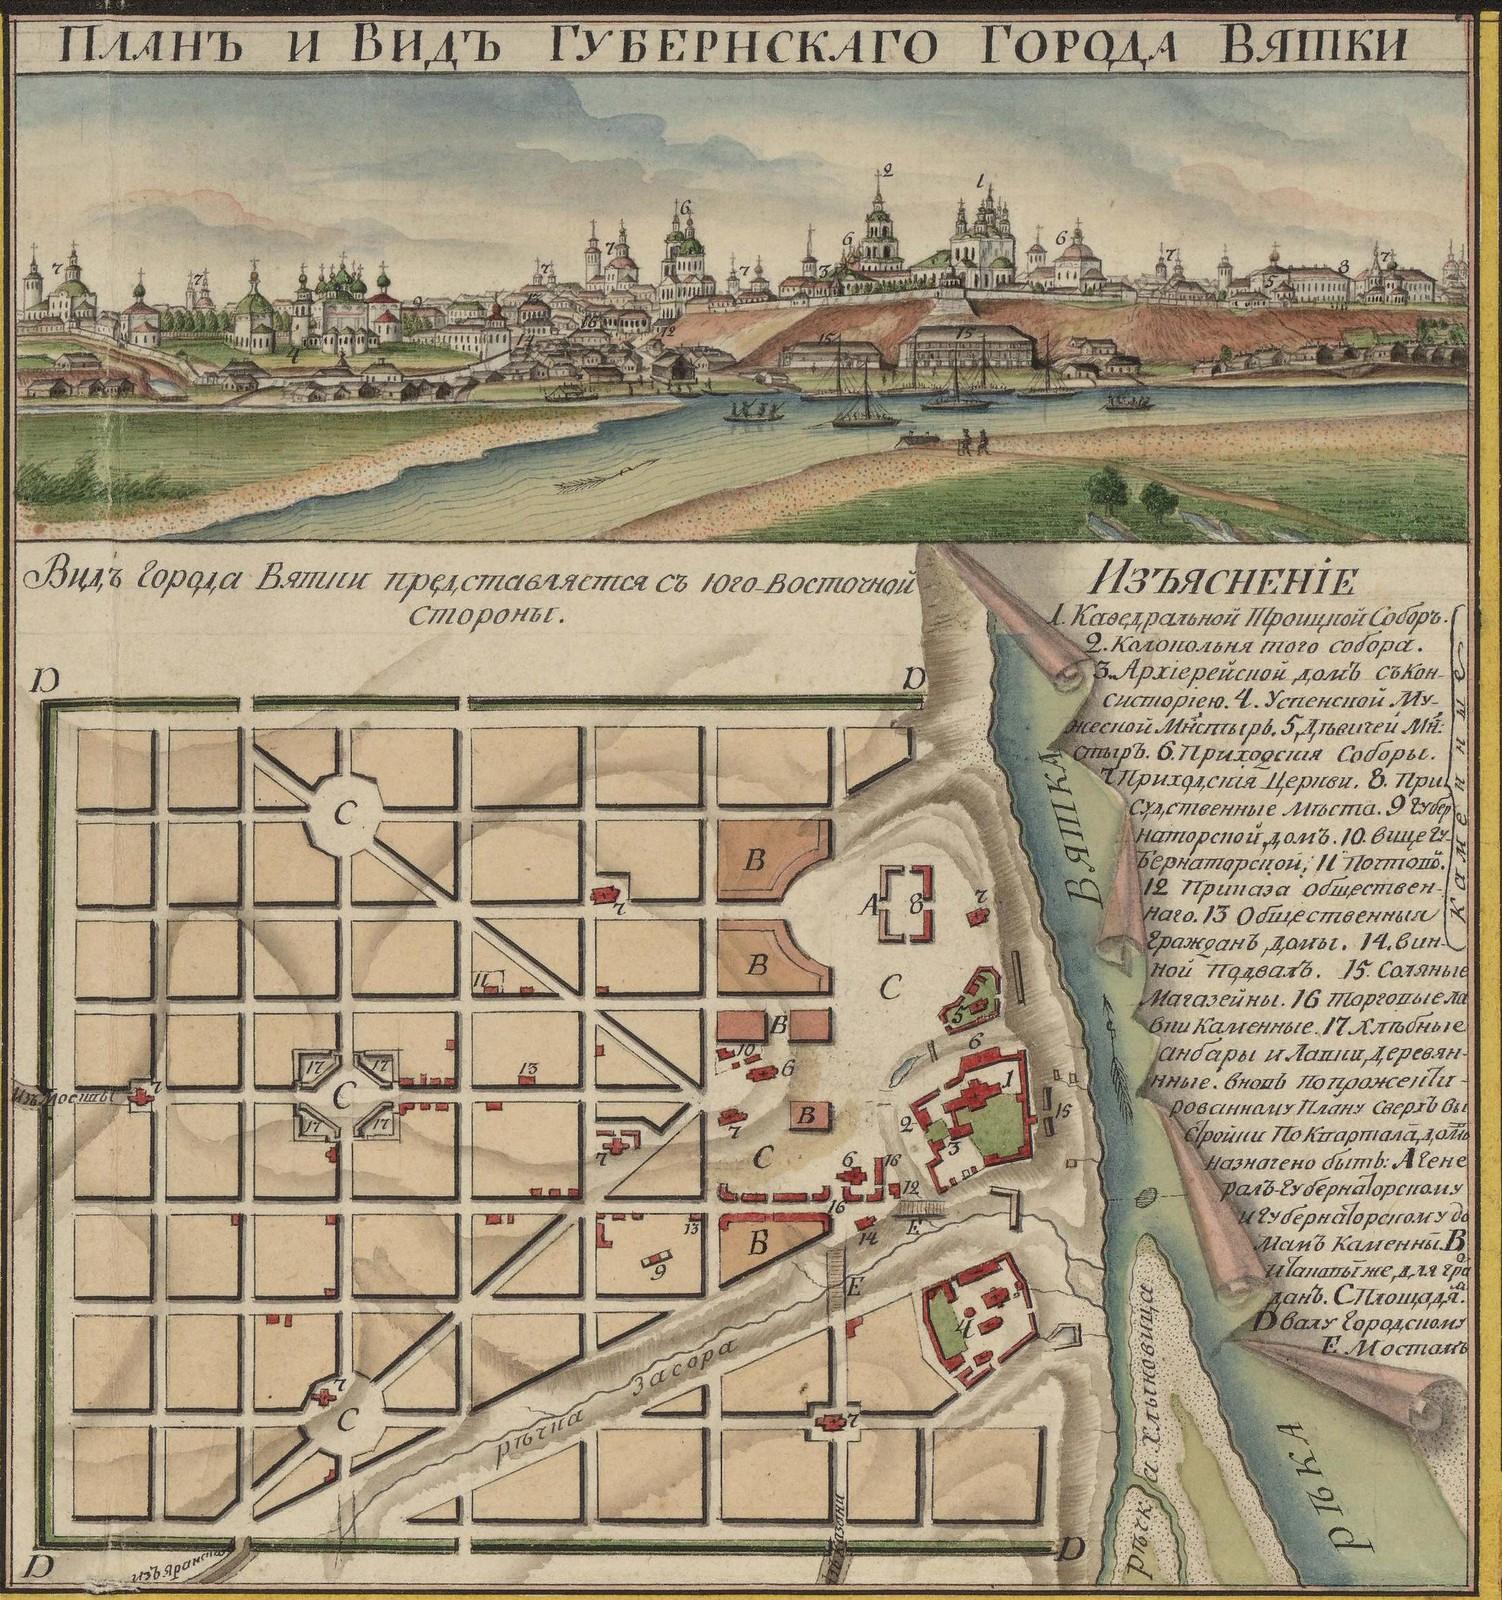 Генеральная карта Вятской губернии с планами и видами городов. 1806 - Copy (8)